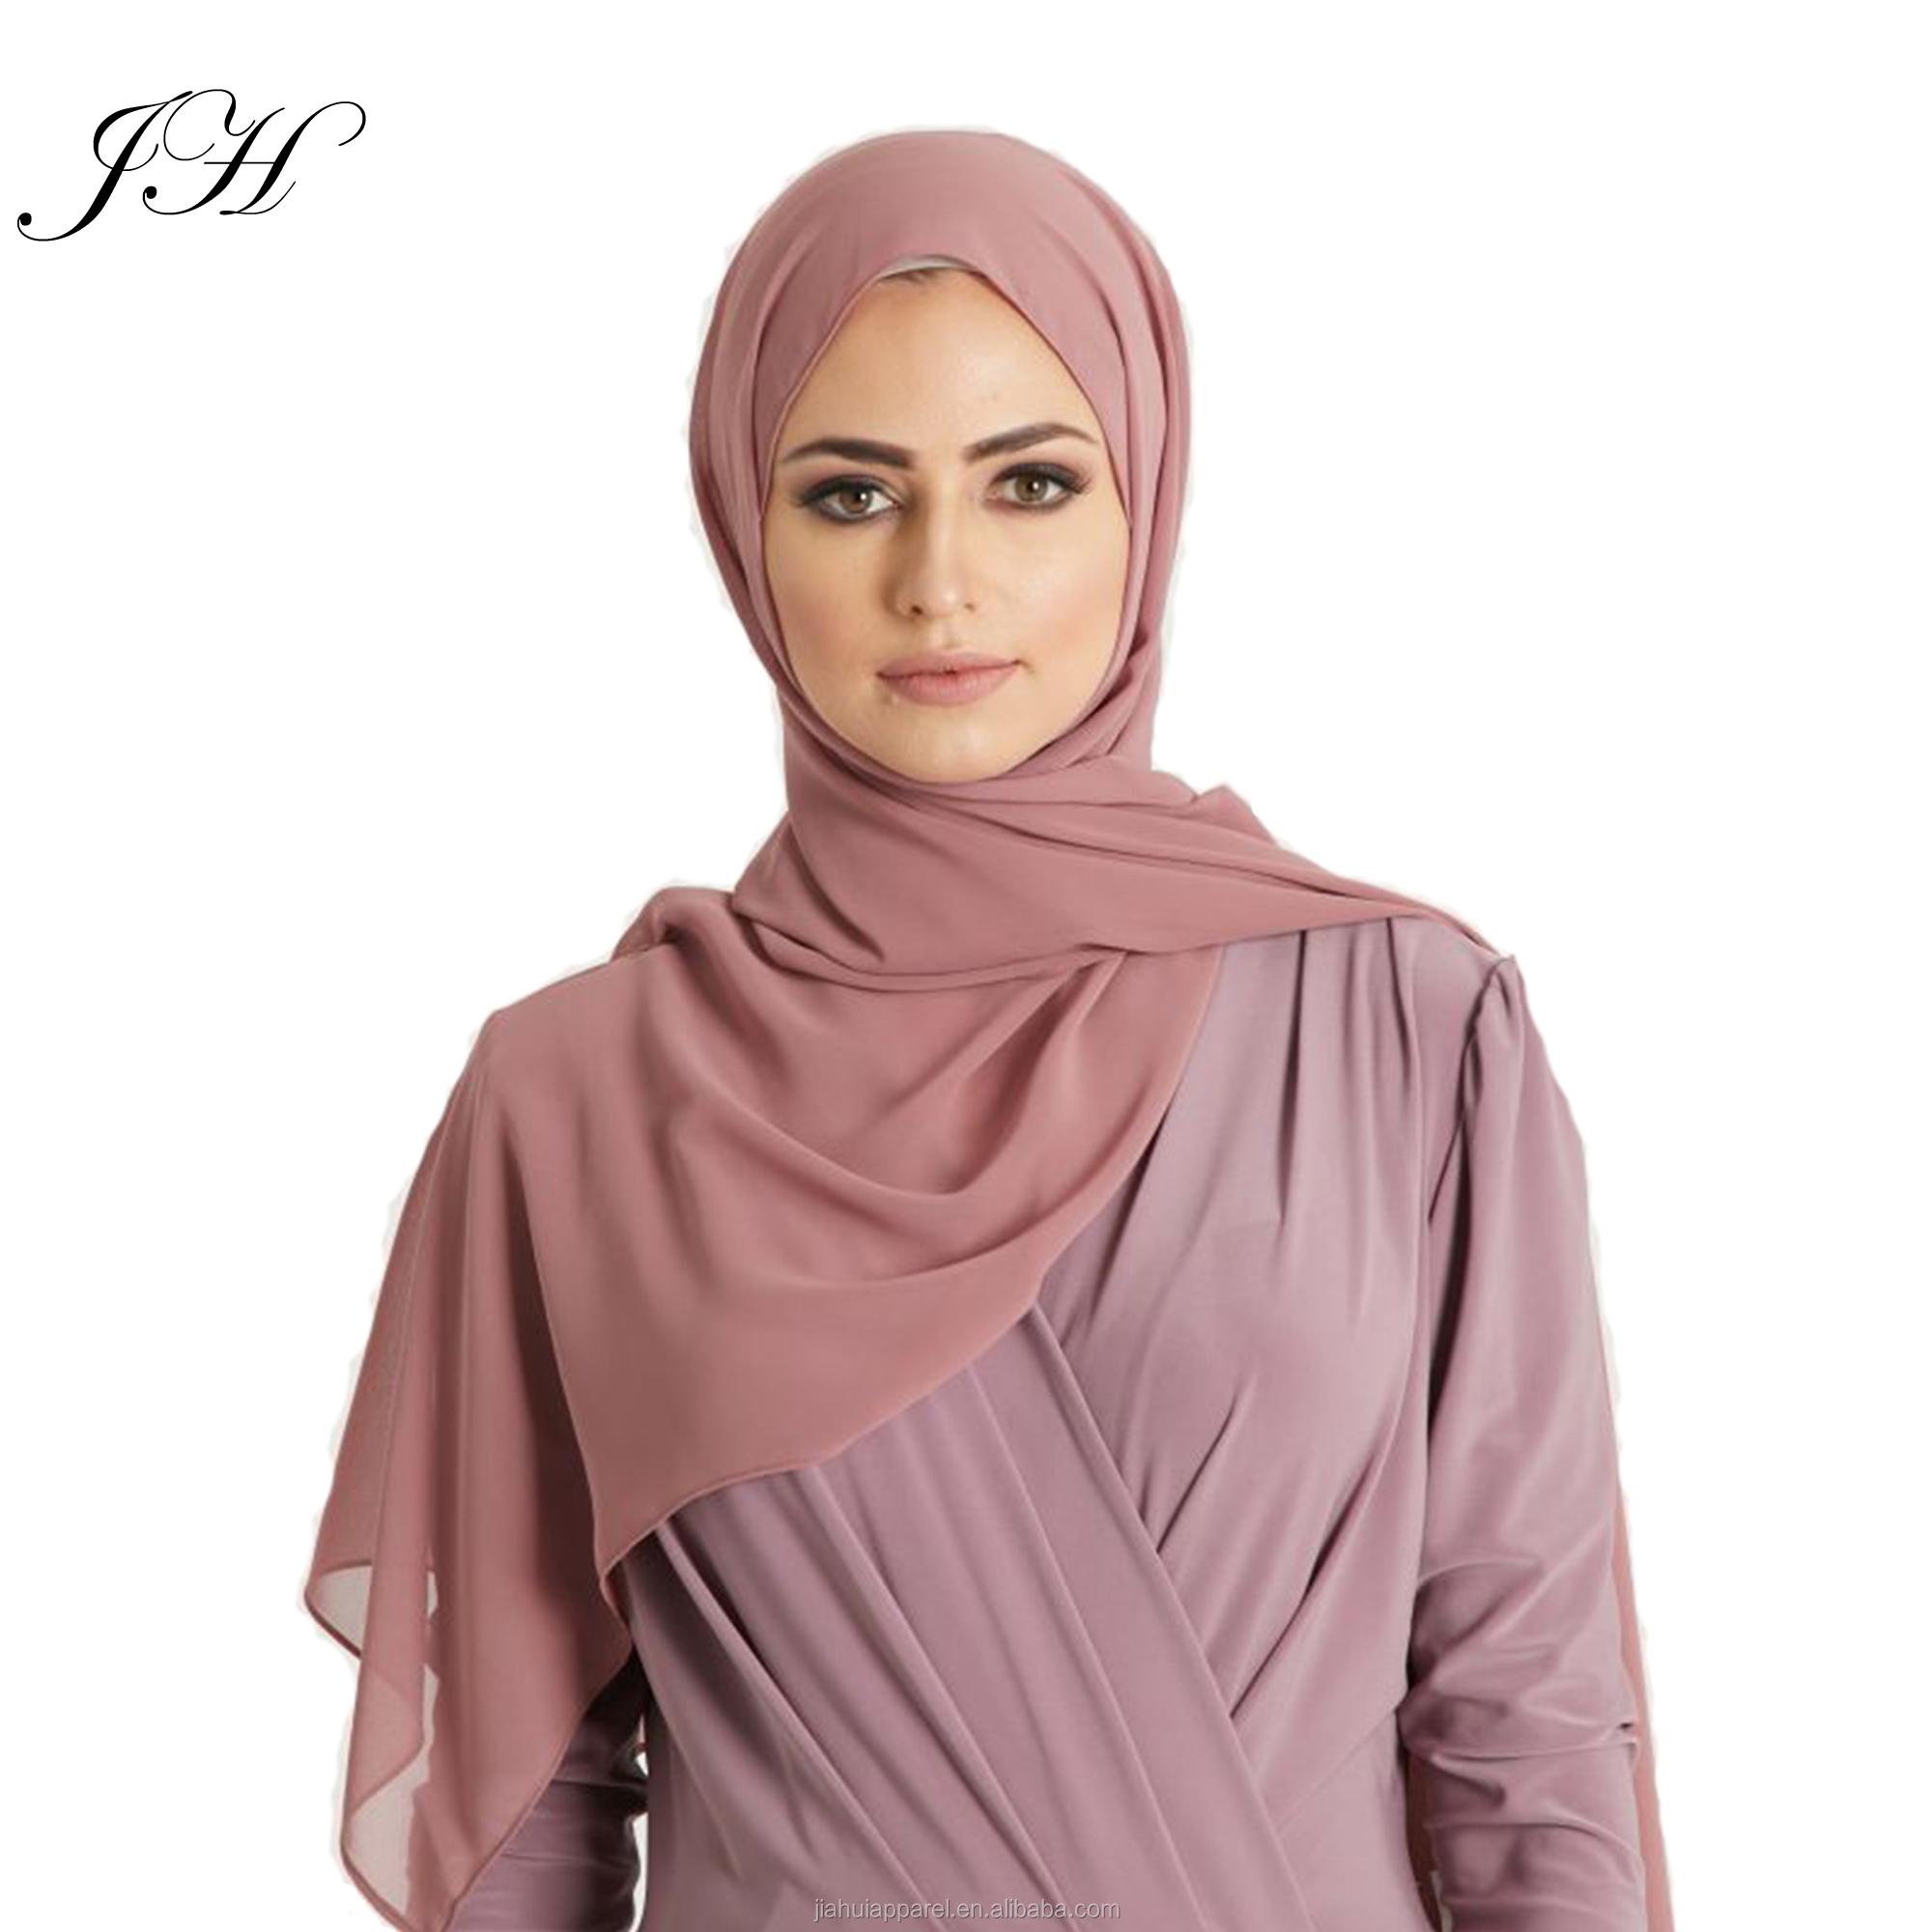 En çok satan yeni Premium 100 renk malezya müslüman düz kalın ağır krep inci şifon eşarp şal kadın başörtüsü